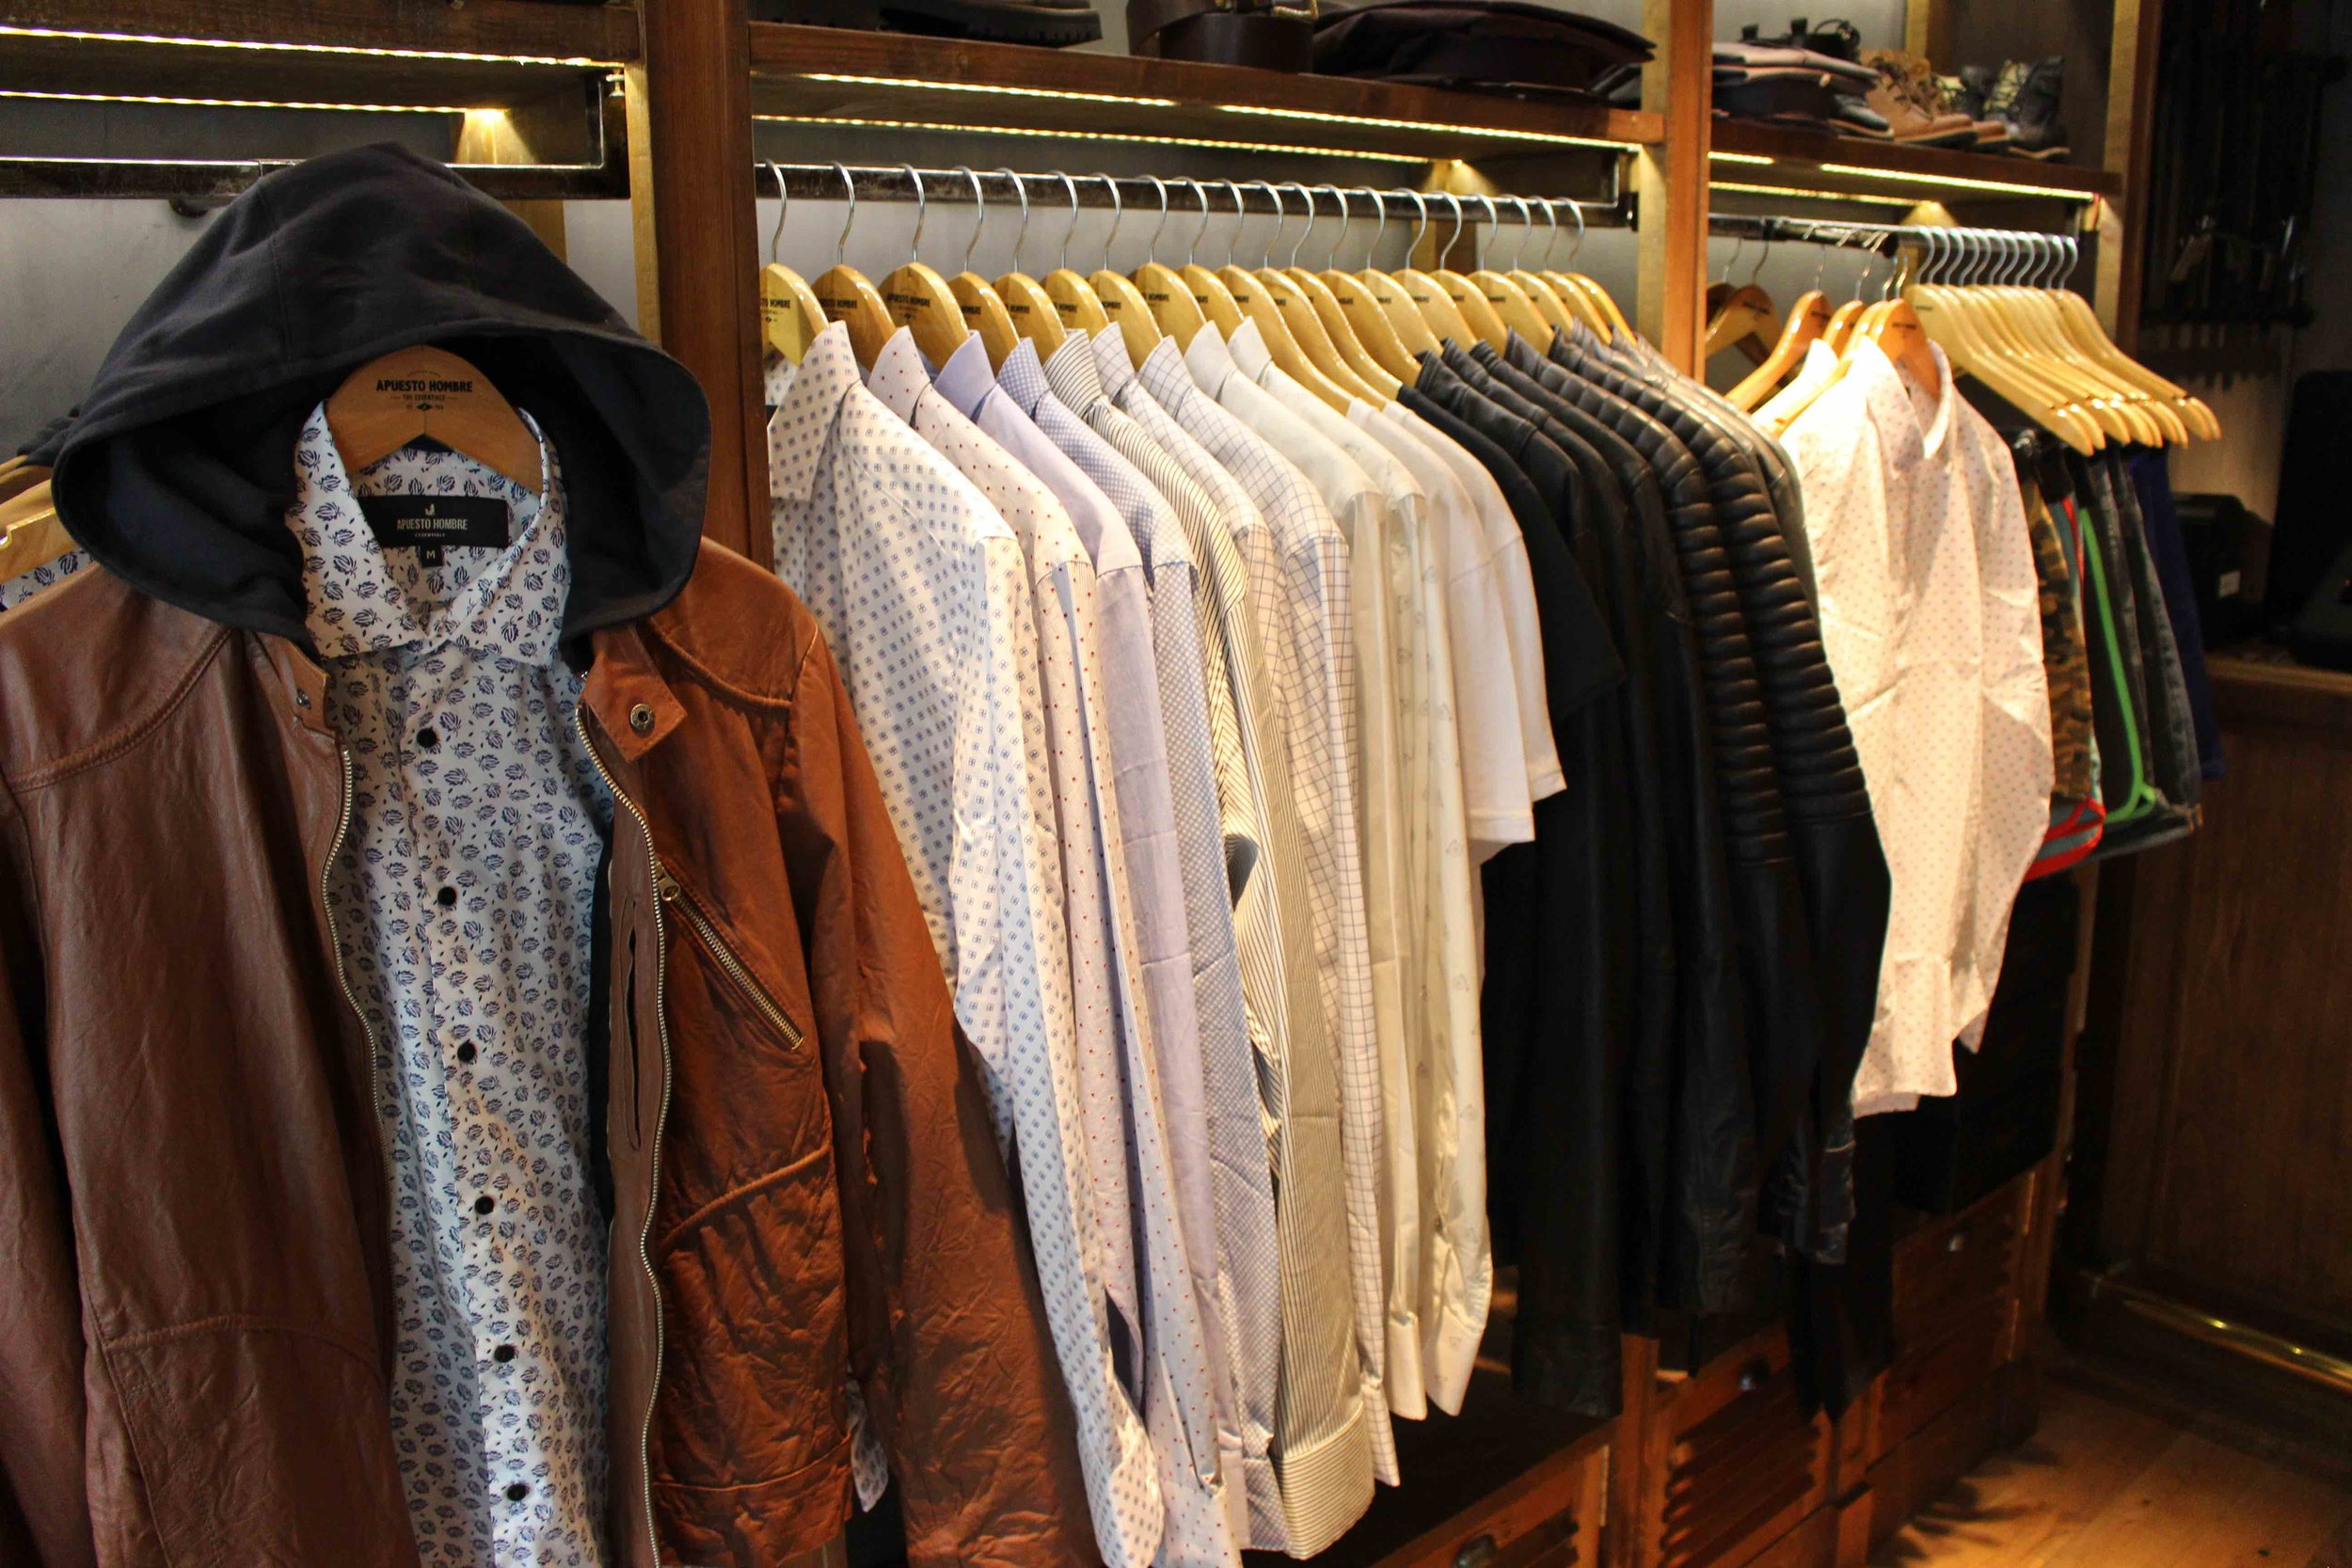 Argentine menswear designers